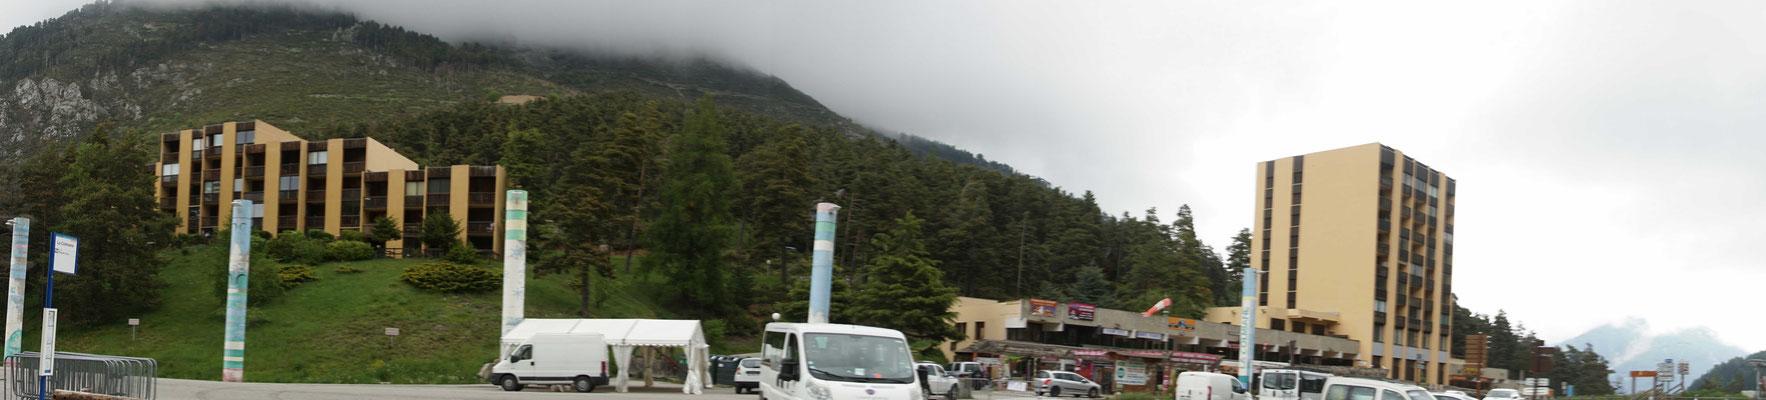 Eine dieser unglaublich hässlichen Passhöhen in Frankreich... - also nach meinem Geschmack...